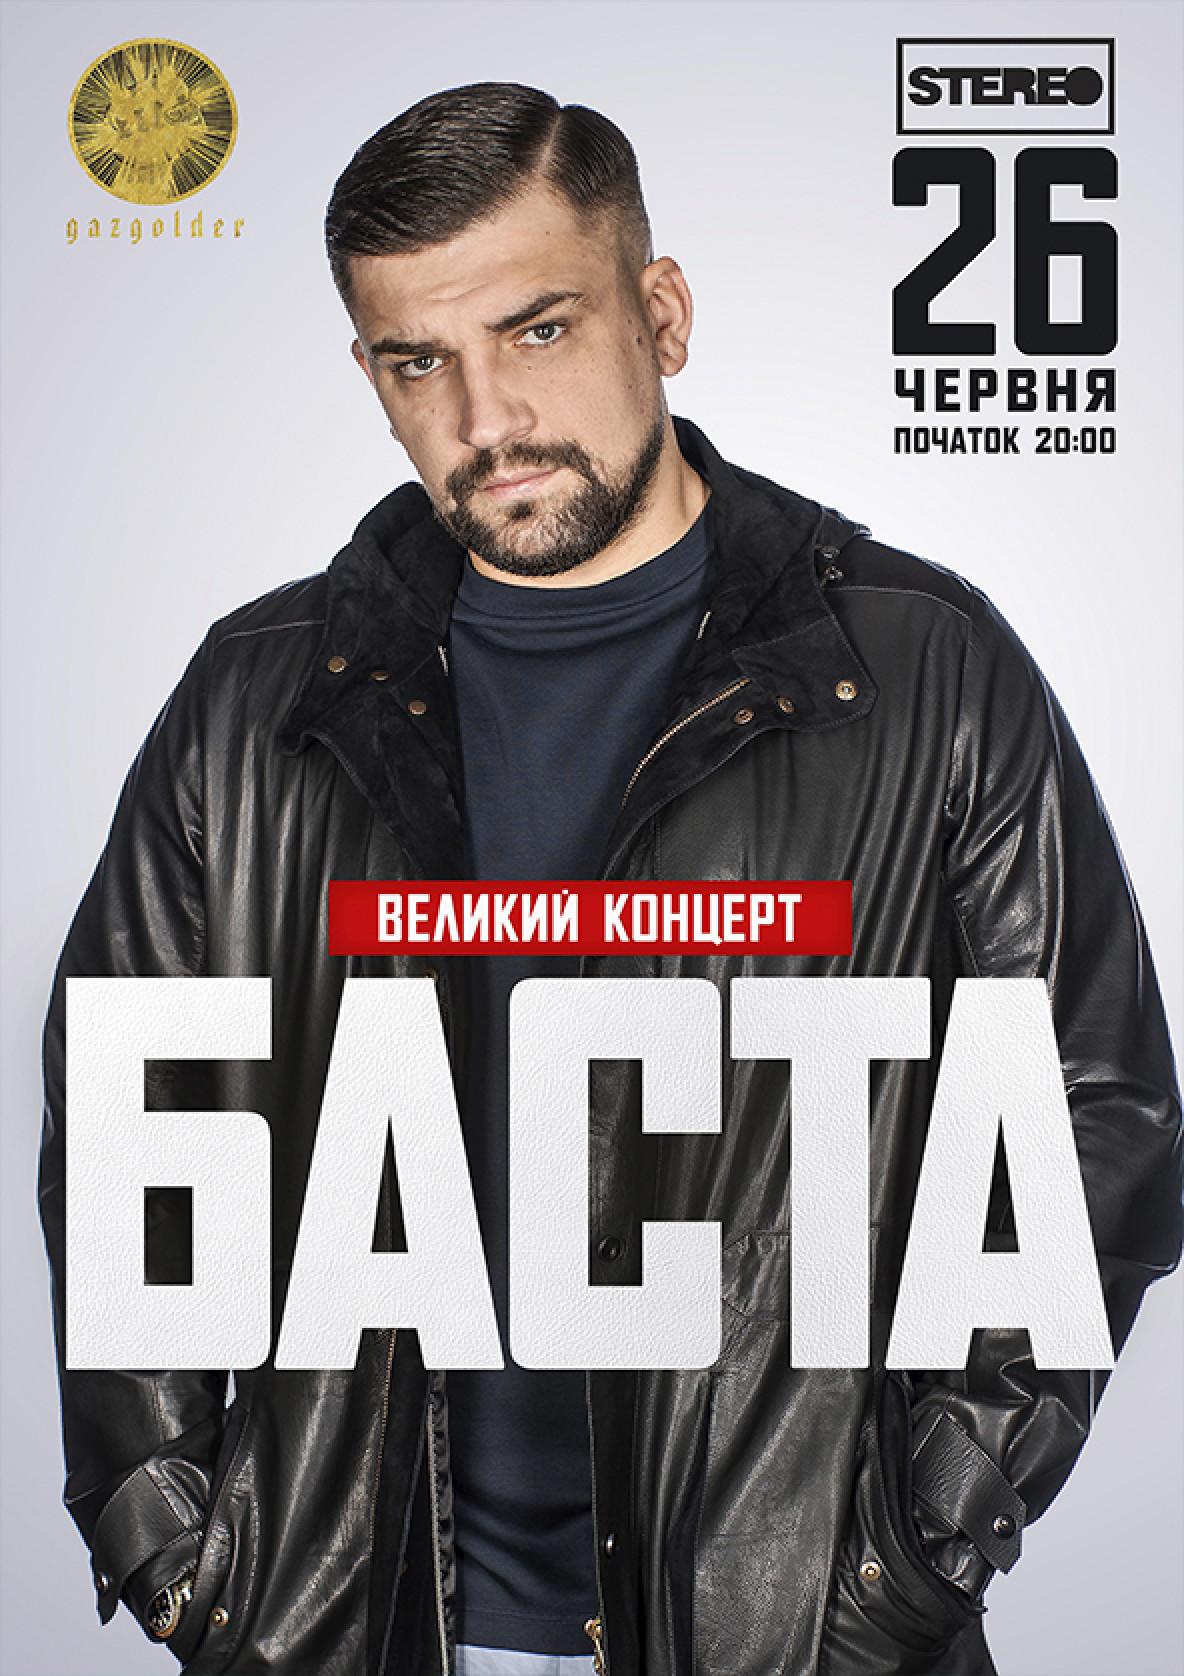 【Концерт Баста в Киеве】 || 26 июня 2021 - афиша, купить ...